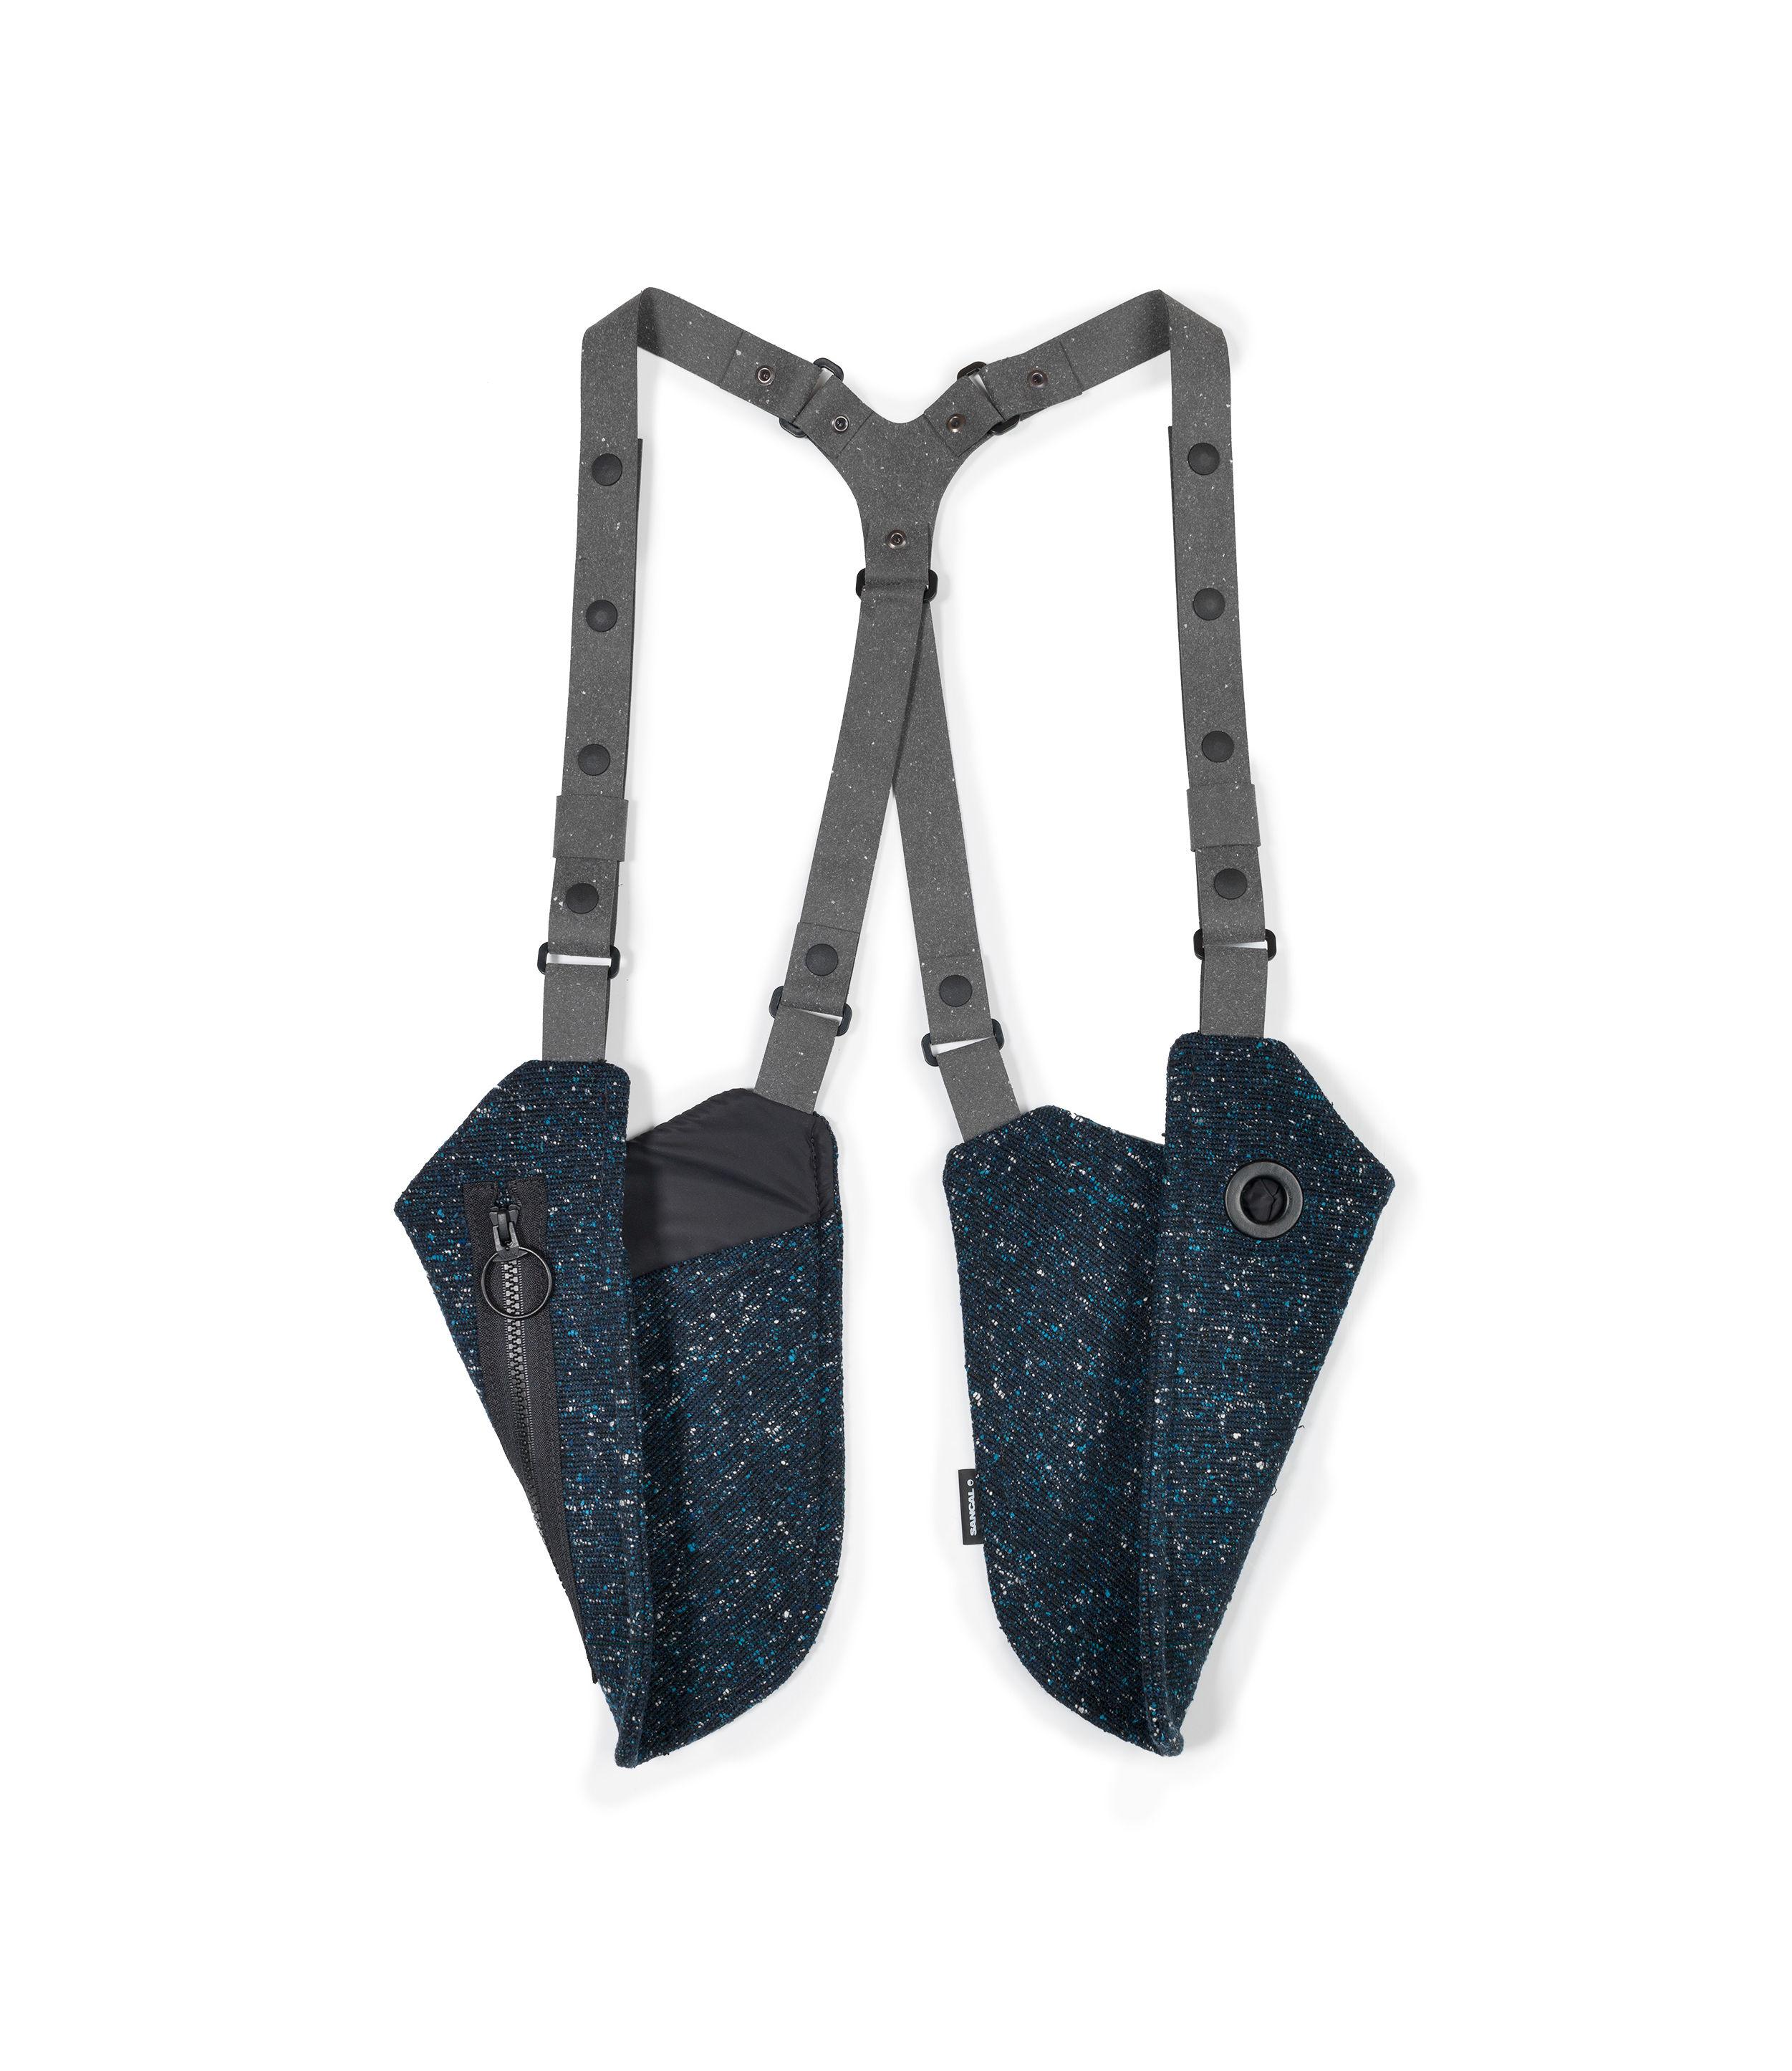 Accessoires - Sacs, trousses, porte-monnaie... - Sacoche bandoulière Sin Pistols / 2 poches - Sancal - Bleu marine - Cuir recyclé, Polyester